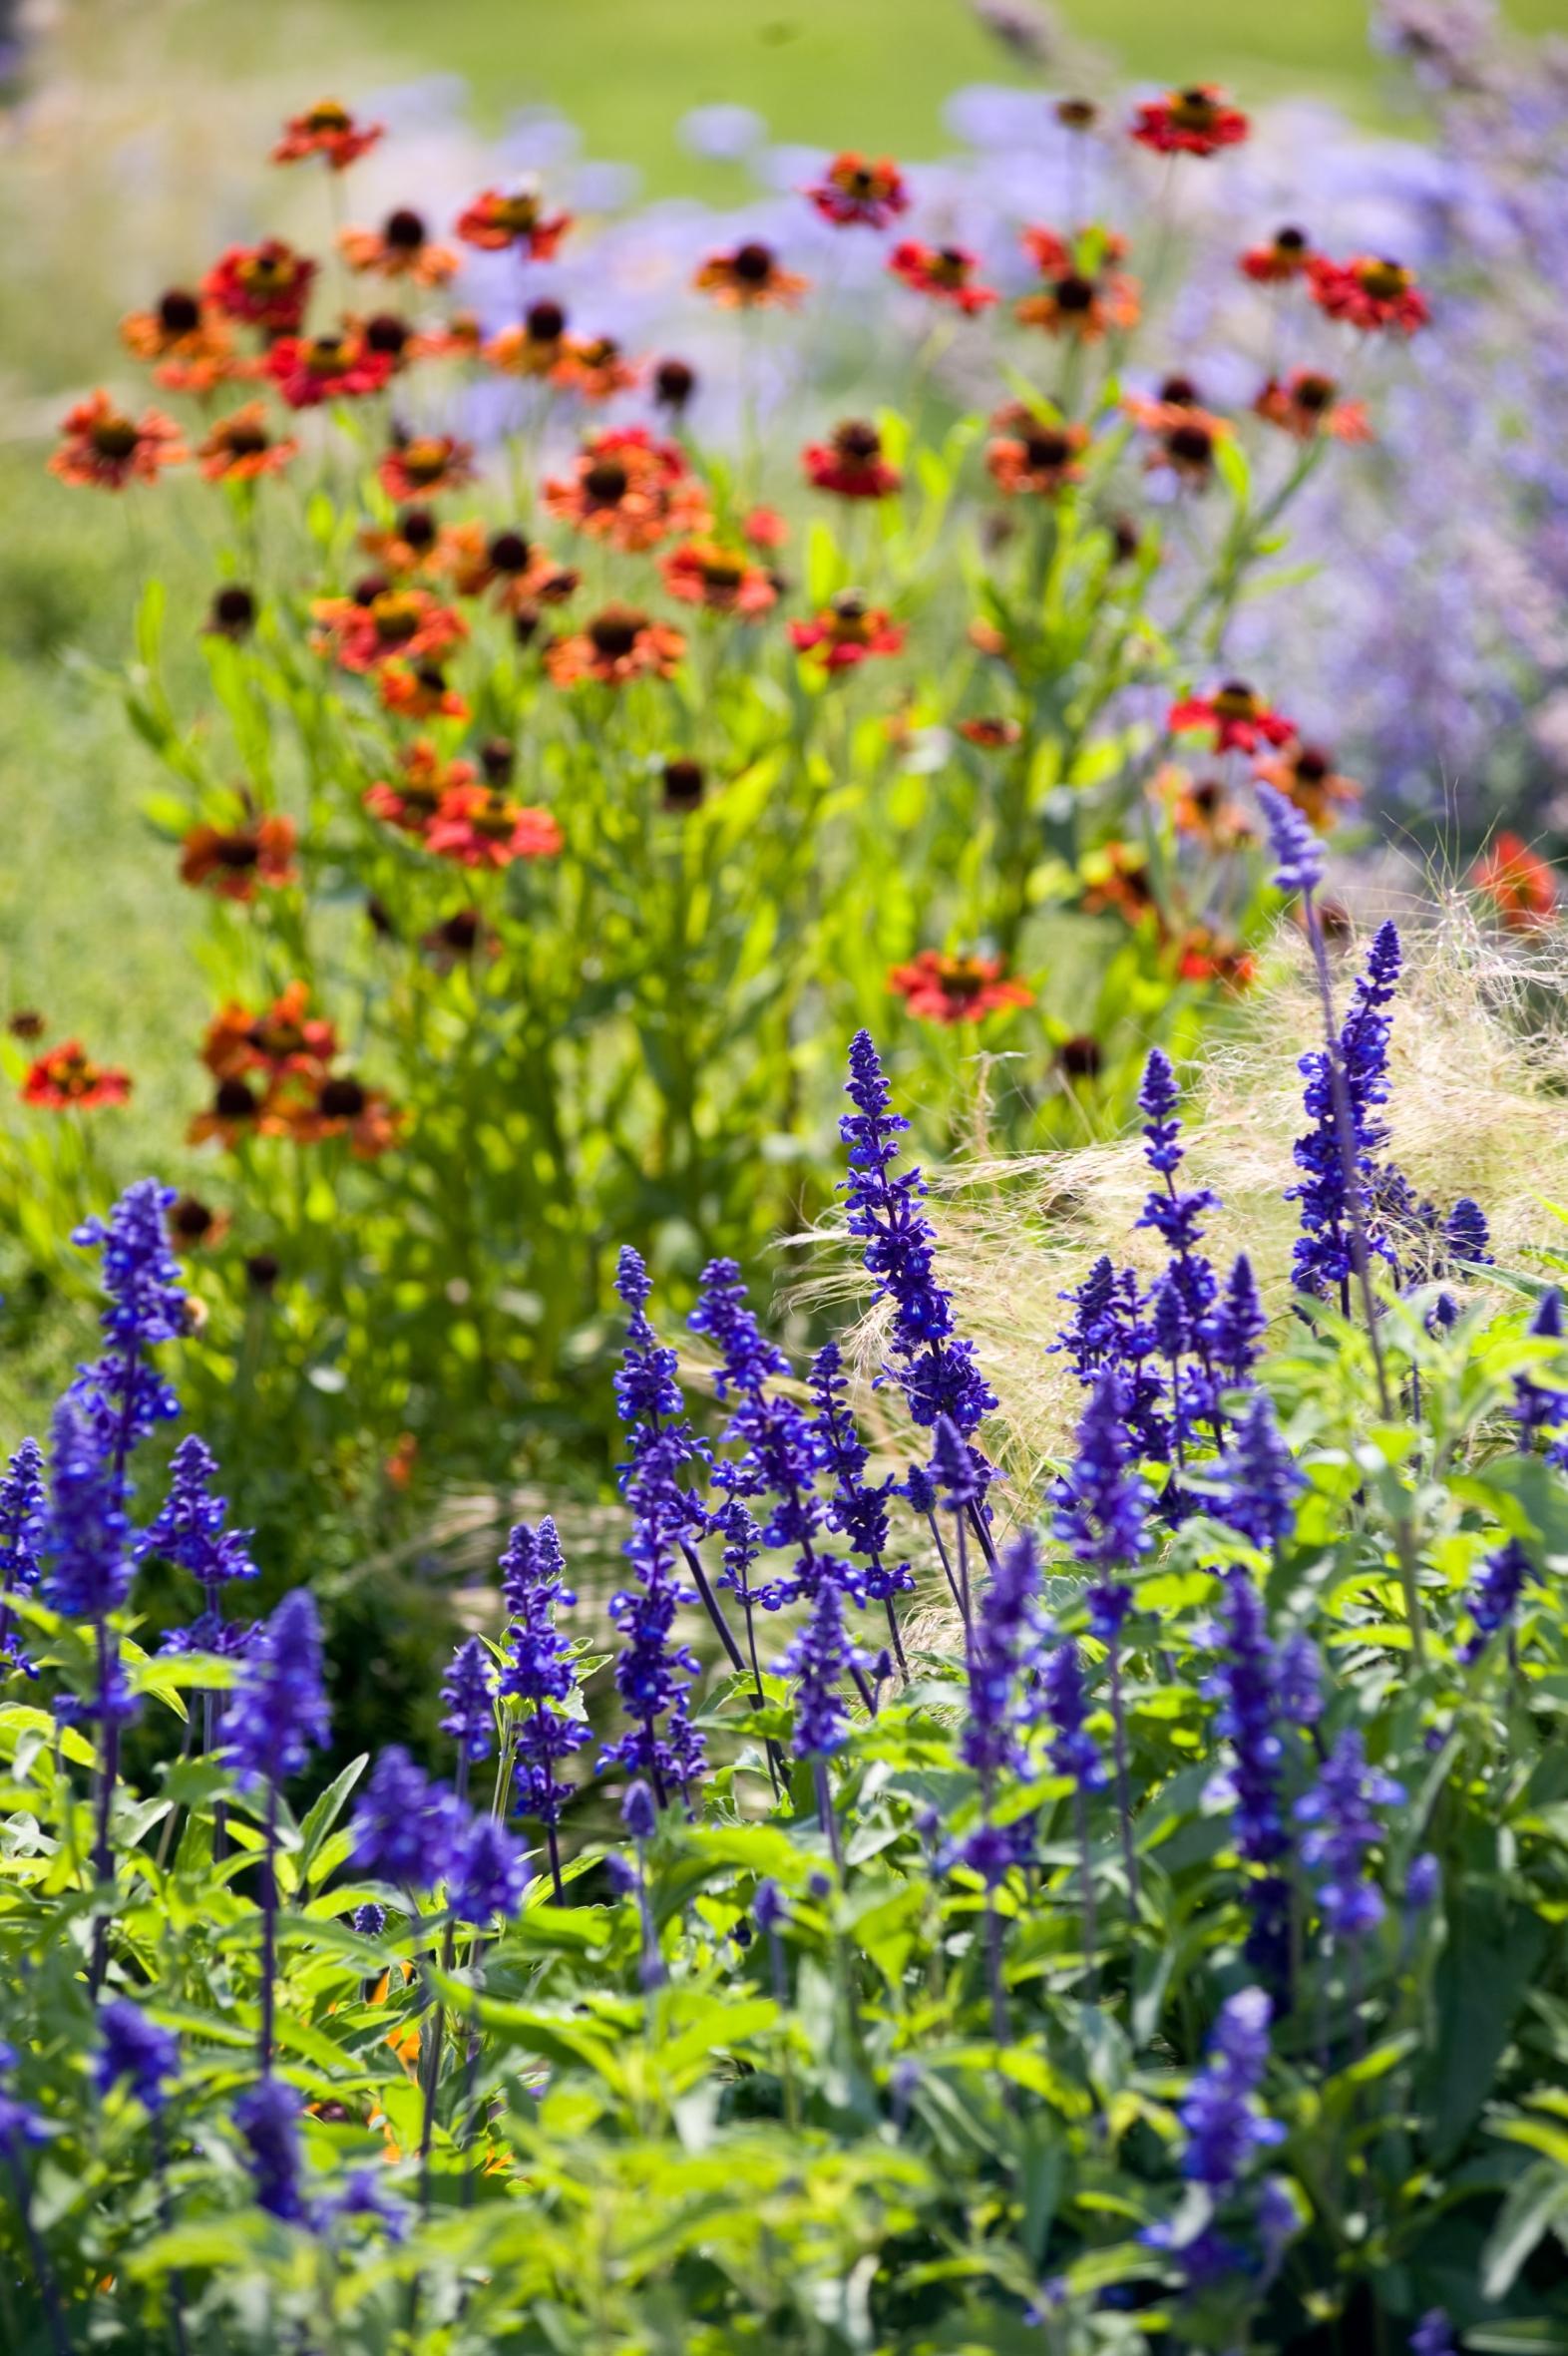 Jeden Sommer einen neuen Garten – Einjährige geben in Staudenpflanzungen immer wieder ein anderes Blumenbild